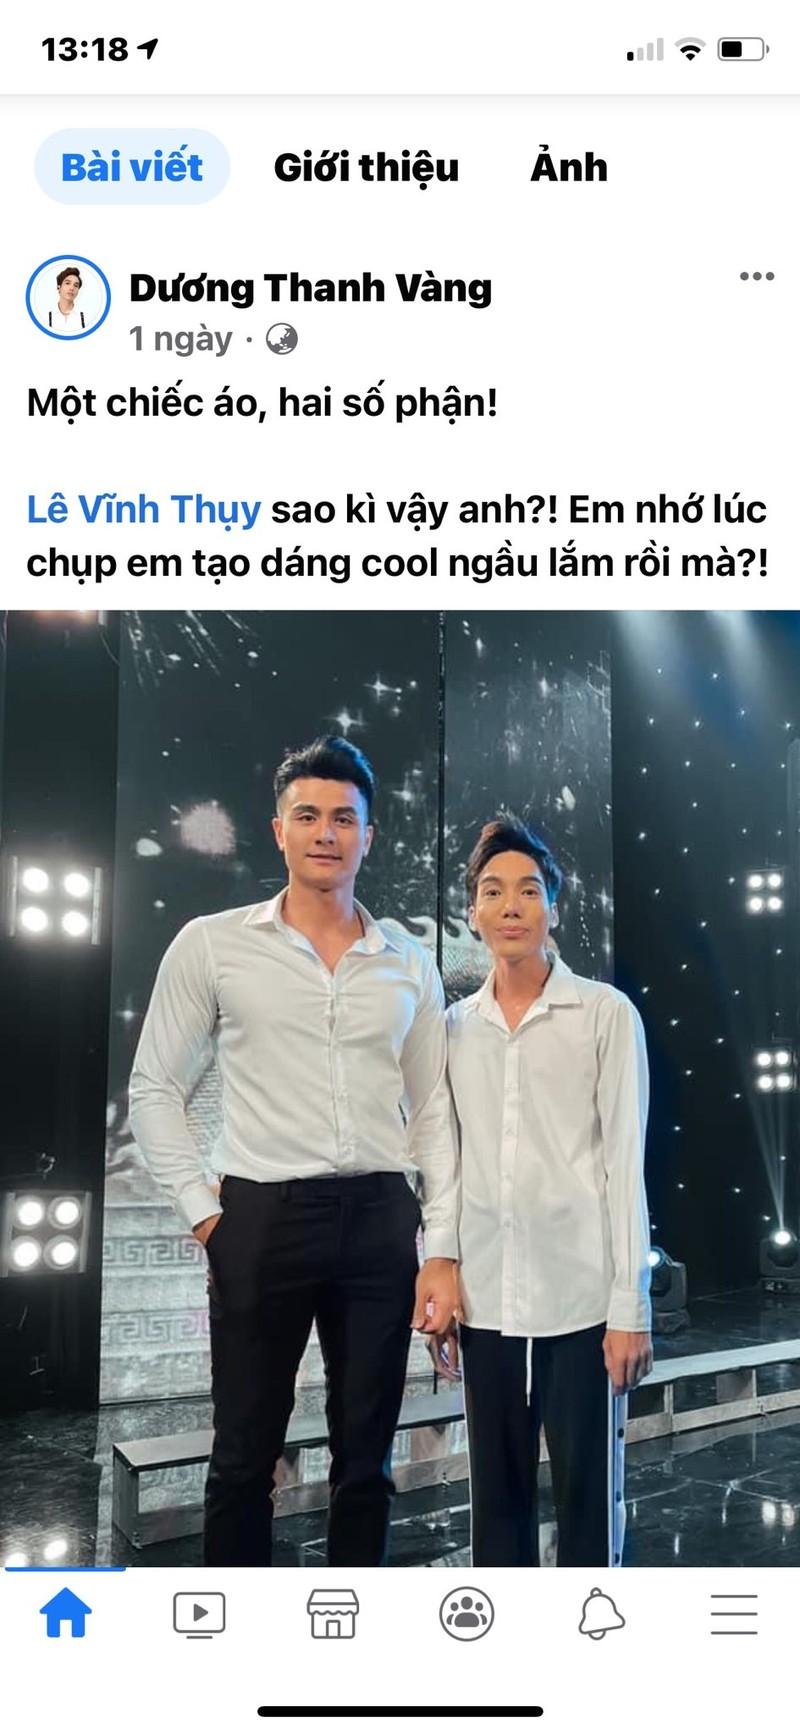 Vĩnh Thụy cực đắt slot chụp hình cùng nghệ sĩ tại Táo Xuân  - ảnh 6